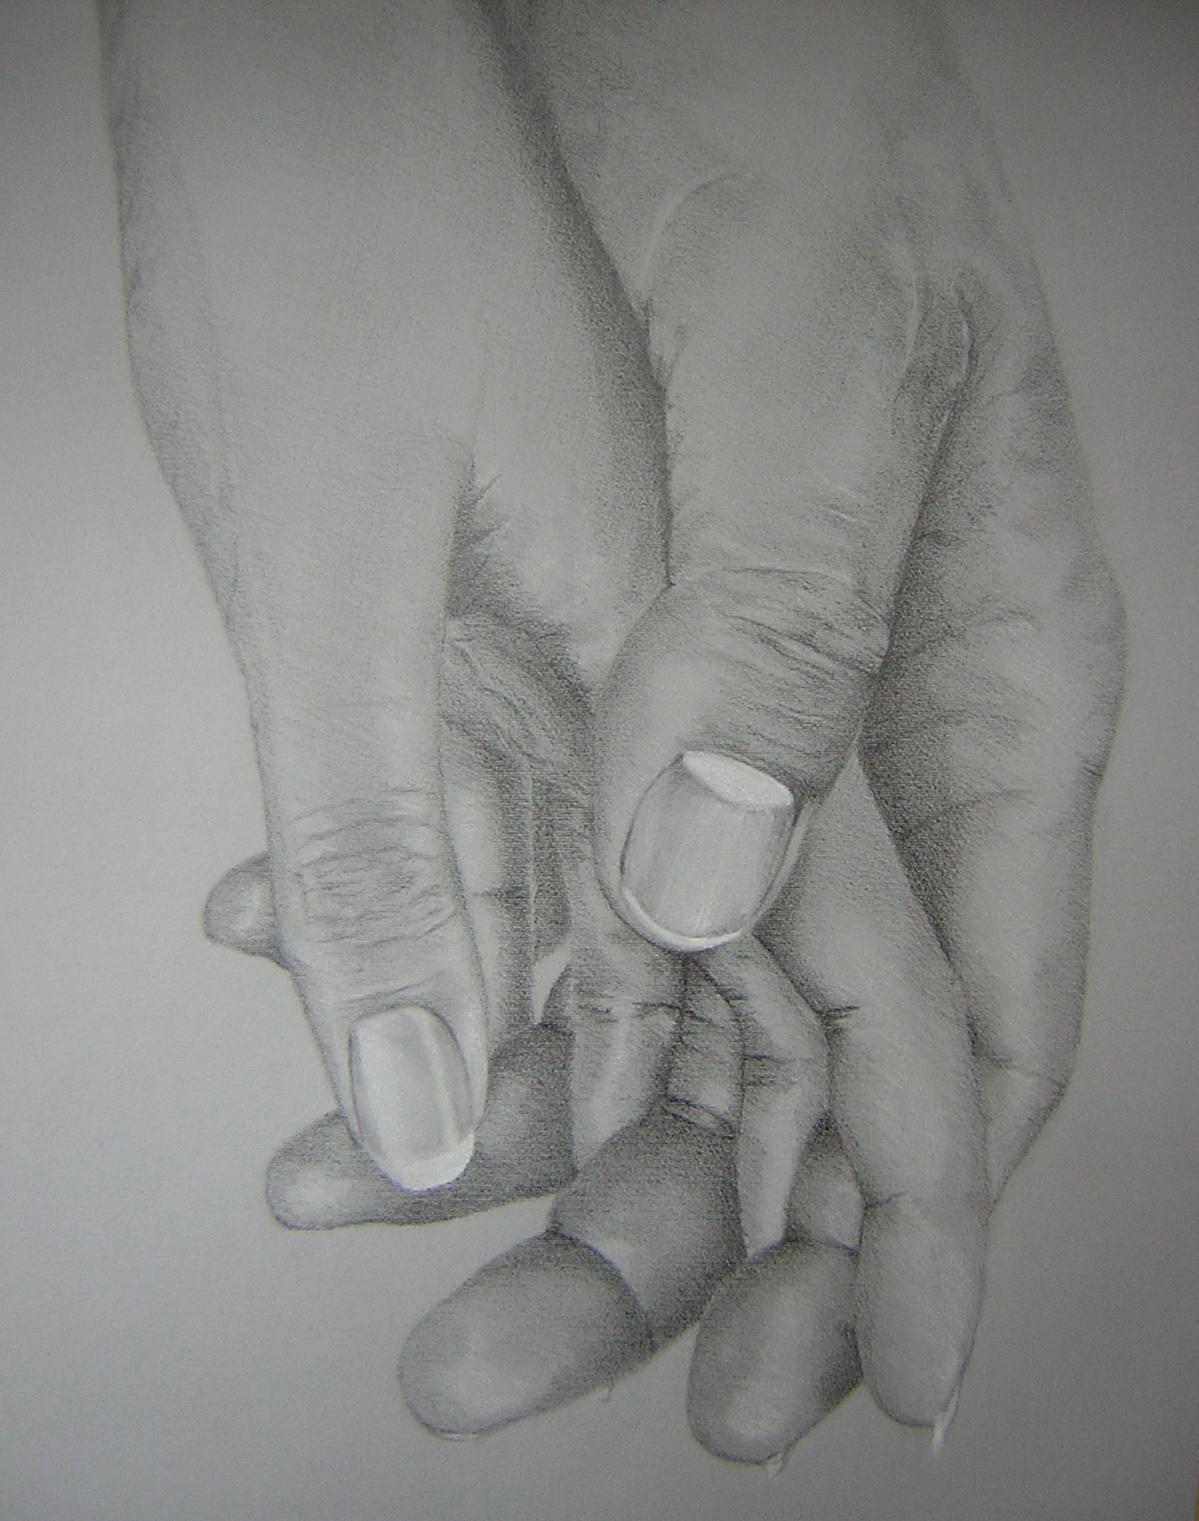 Pidä mua kädestä kiinni hellästi...